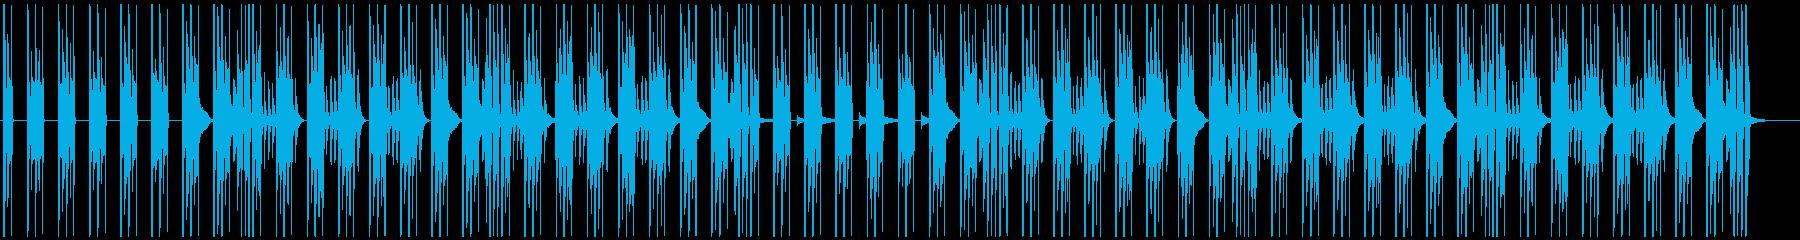 シンプルな日常穏やかBGMの再生済みの波形